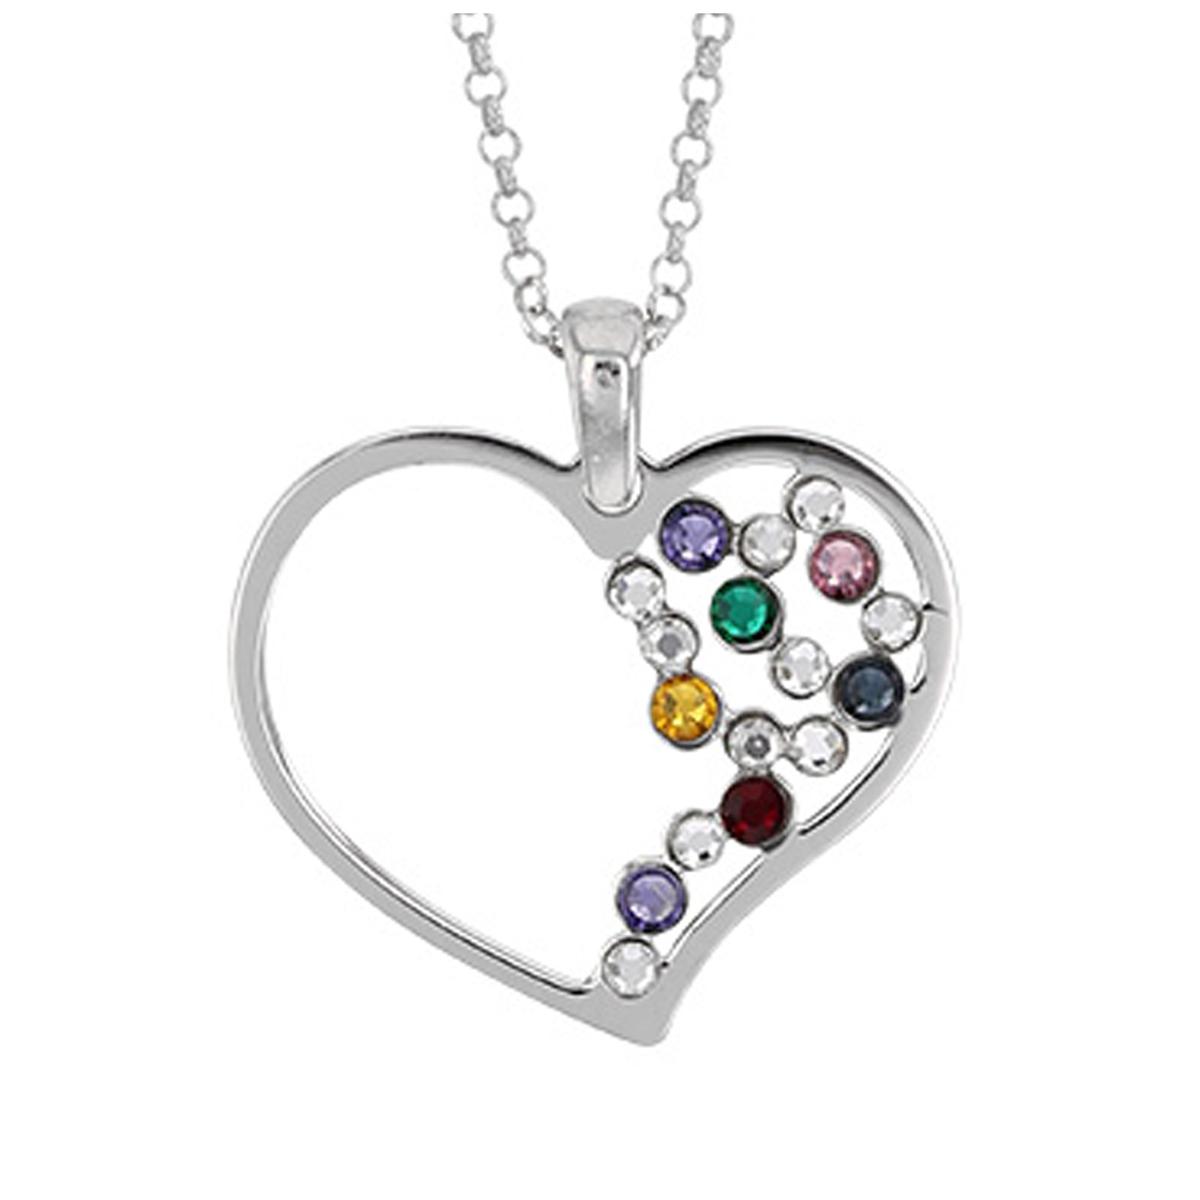 Collier Argent artisanal \'Love\' multicolore argenté (rhodié) - 25x22 mm  - [Q9377]